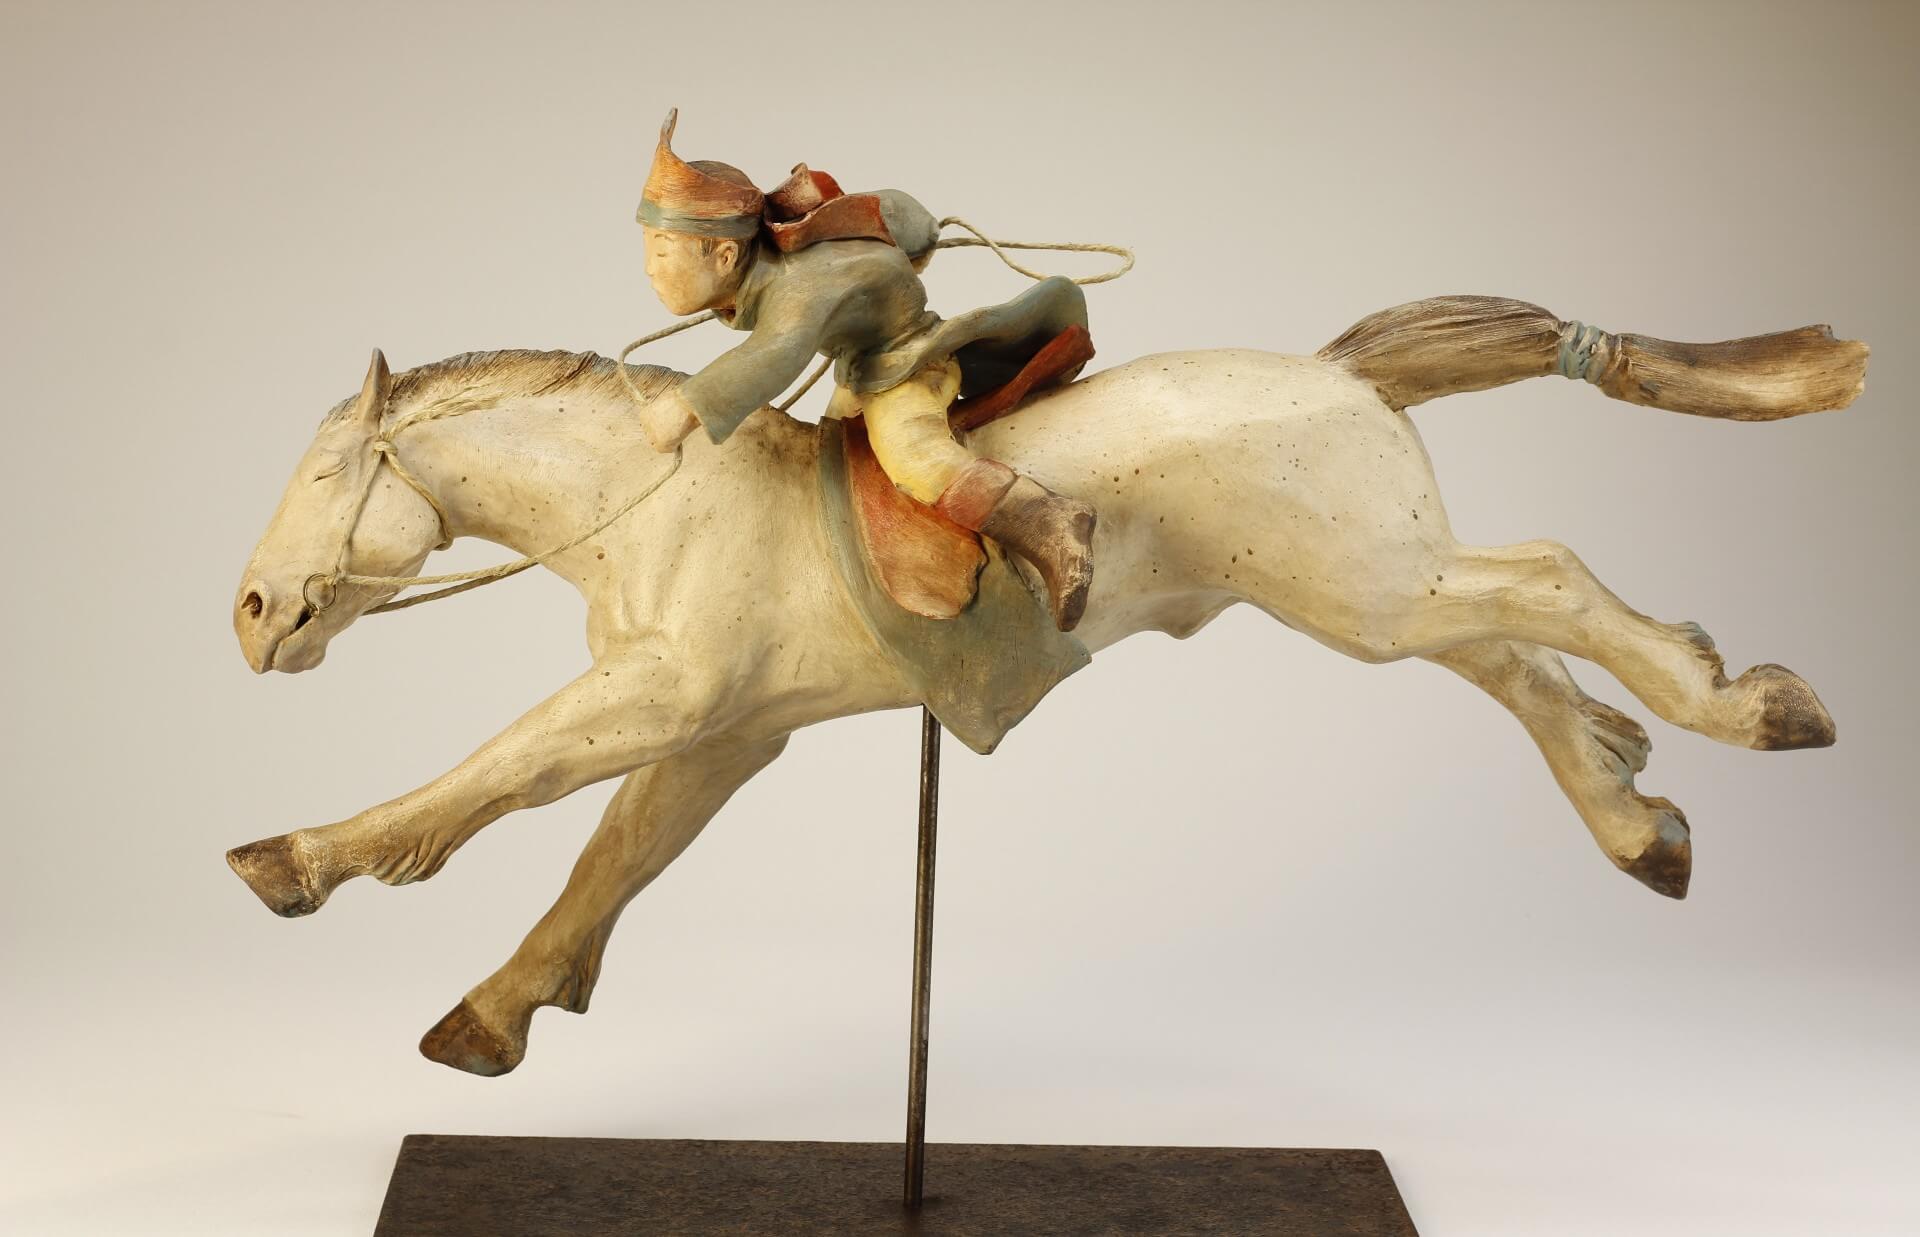 enfant-cheval-sculpture-mongolie